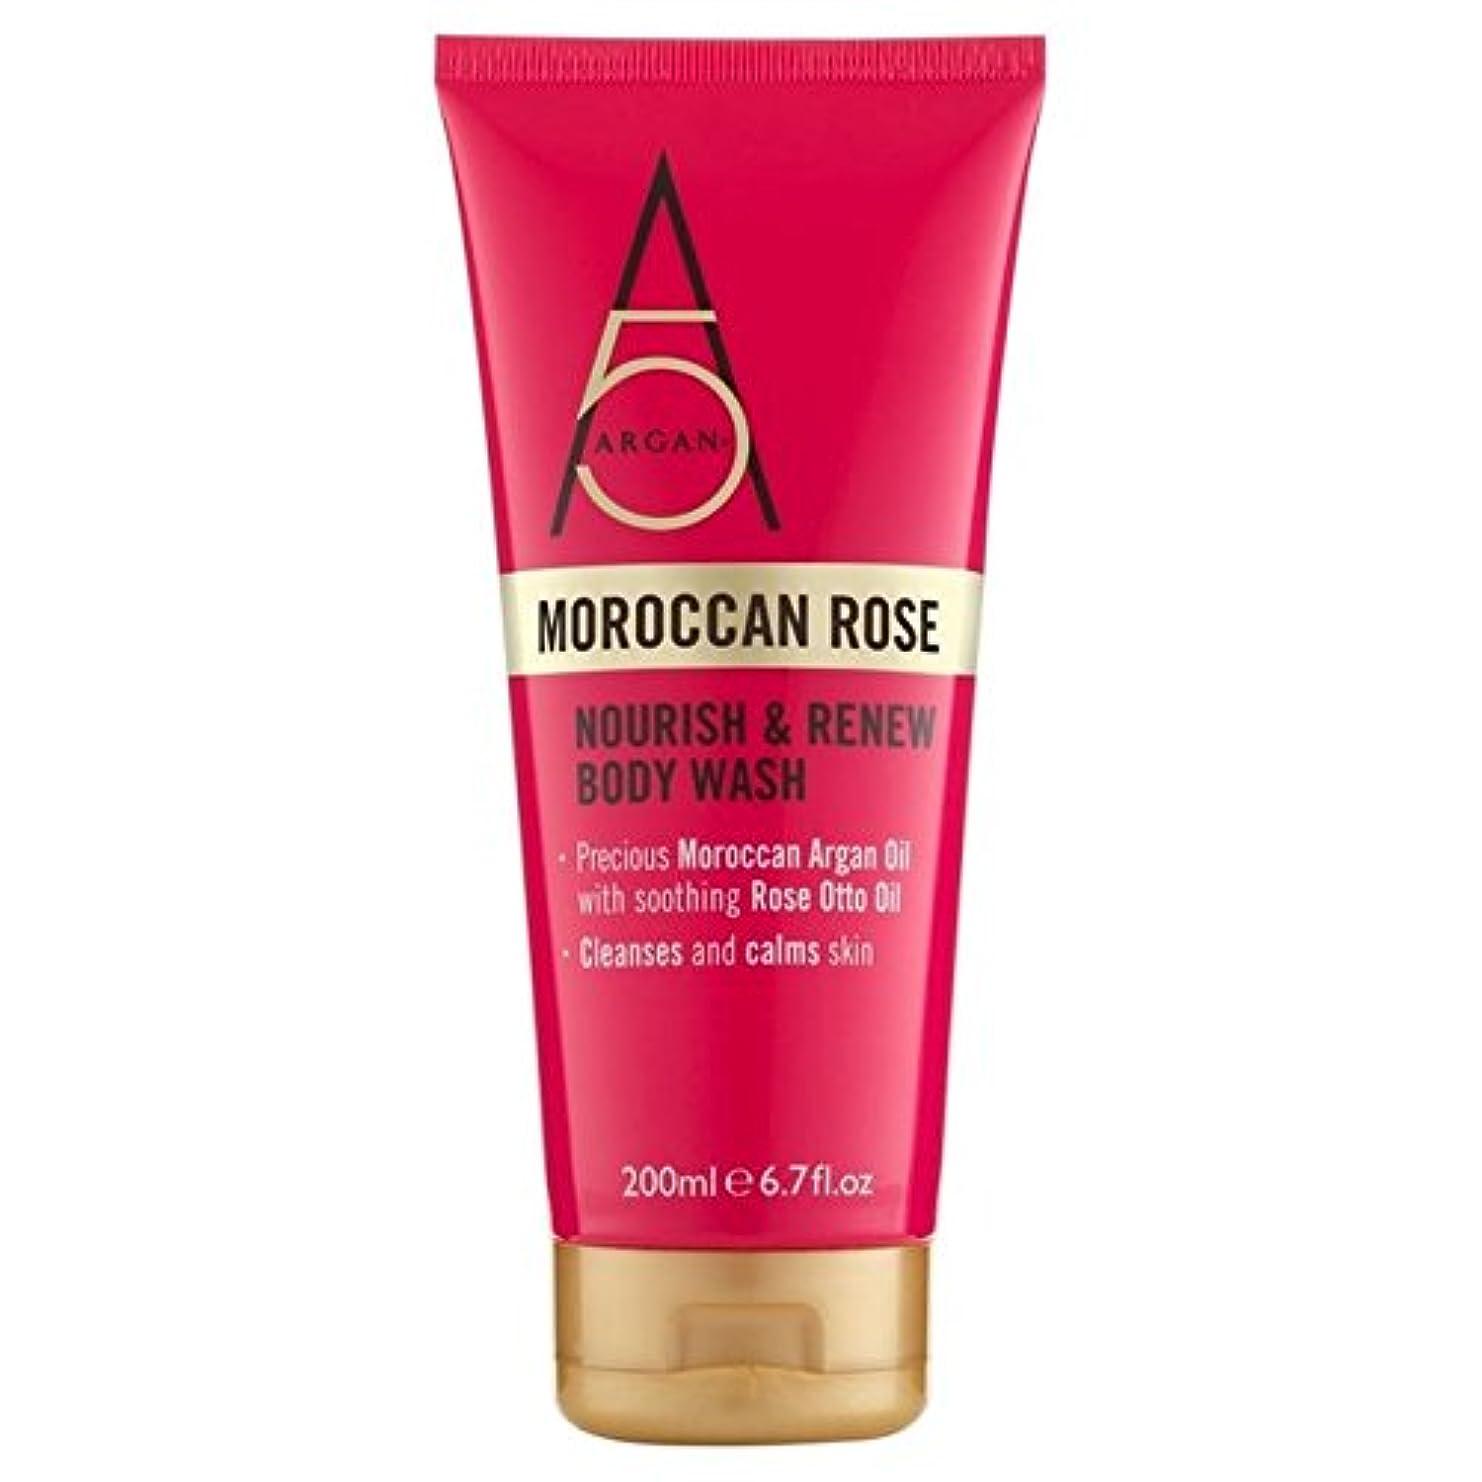 物理的なアメリカ植生アルガン+モロッコは、ボディウォッシュ300ミリリットルをバラ x4 - Argan+ Moroccan Rose Body Wash 300ml (Pack of 4) [並行輸入品]